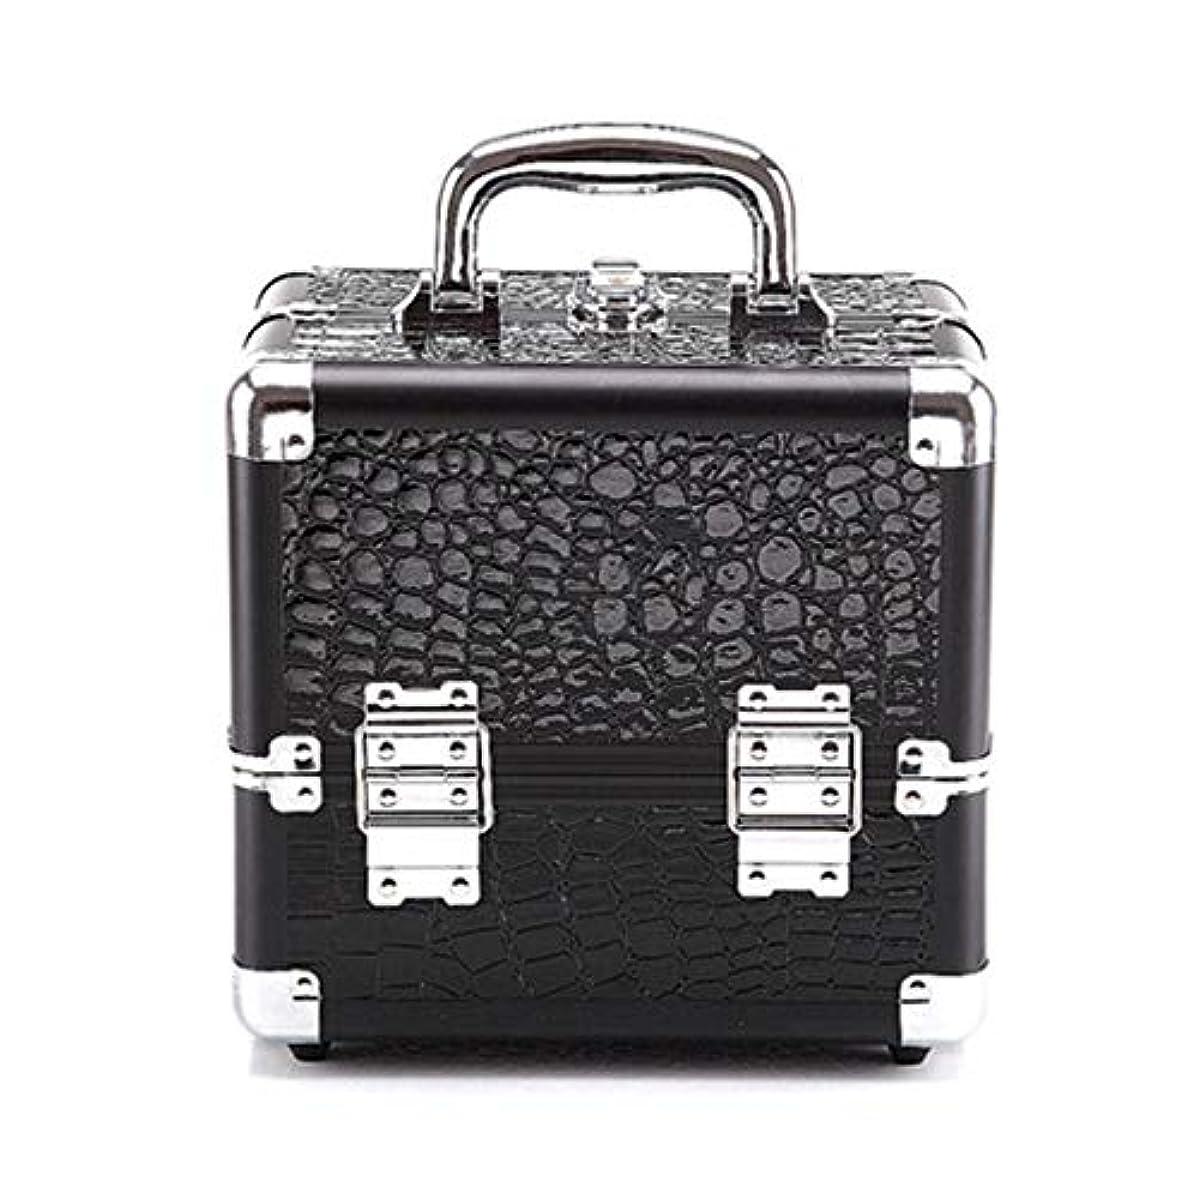 監査反発もっと特大スペース収納ビューティーボックス 多機能ポータブル旅行化粧ケース化粧品袋トイレタリーバッグ用十代の女の子女性アーティスト 化粧品化粧台 (色 : Black(S))